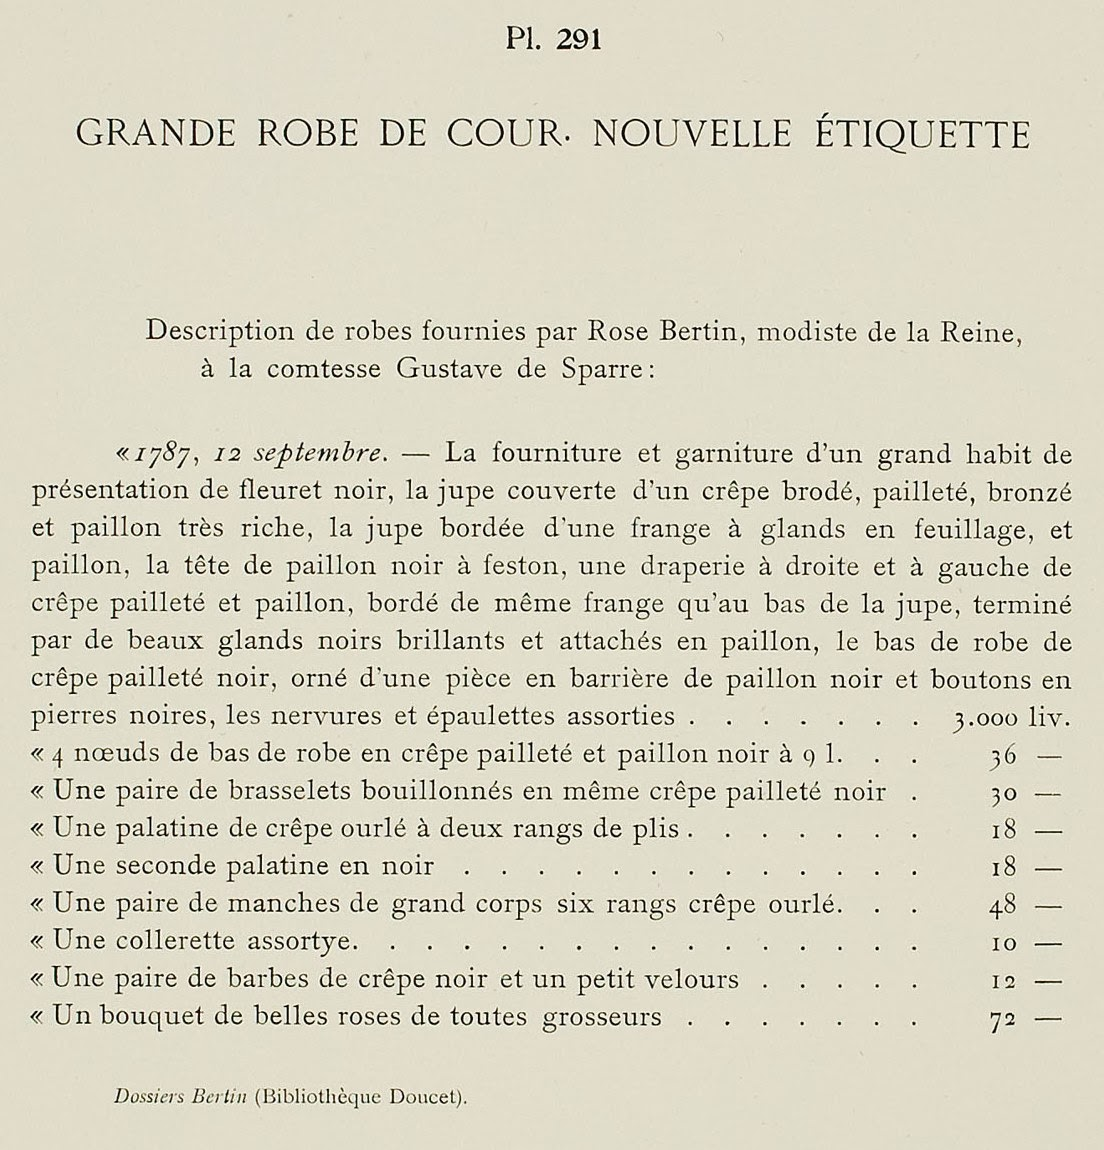 époustouflant Galerie des Modes, 2e Cahier de Grandes Robes d'Etiquette, 2e Figure #OU_97